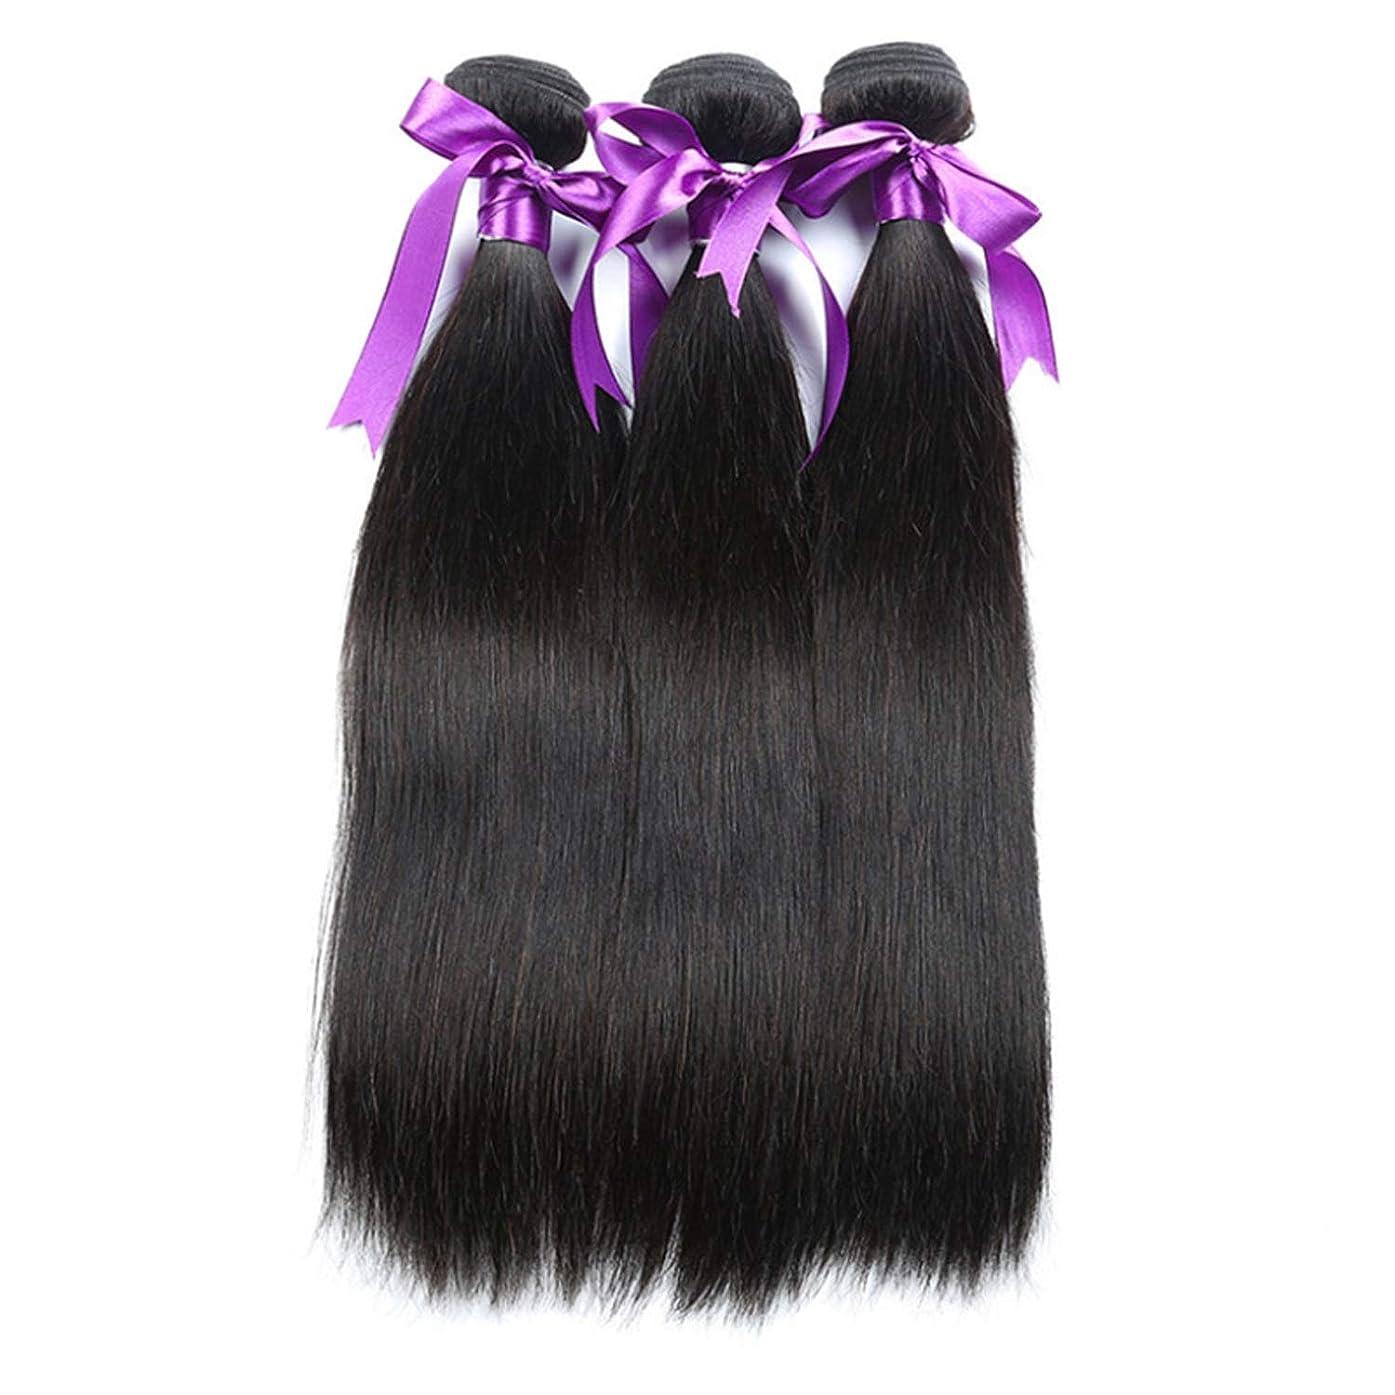 浜辺報酬コードレスマレーシアストレートヘアバンドル8-28インチ100%人毛織りレミー髪3ピース髪バンドル かつら (Stretched Length : 20 20 20)